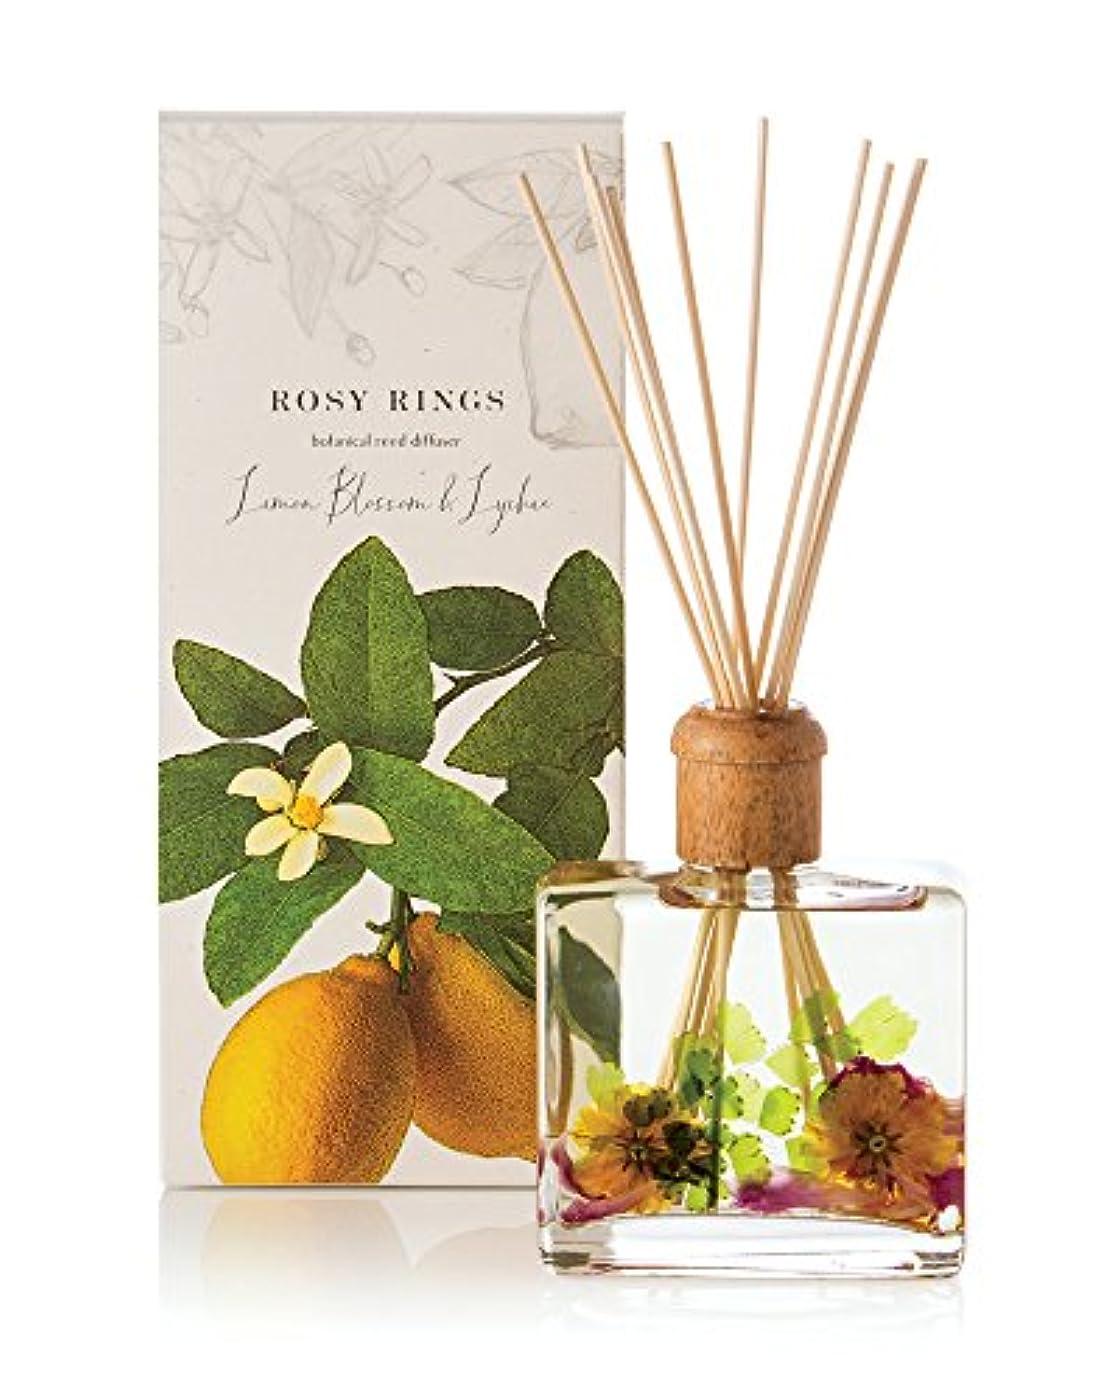 服を片付ける公使館導出ロージーリングス ボタニカルリードディフューザー レモンブロッサム&ライチ ROSY RINGS Signature Collection Botanical Reed Diffuser – Lemon Blossom...